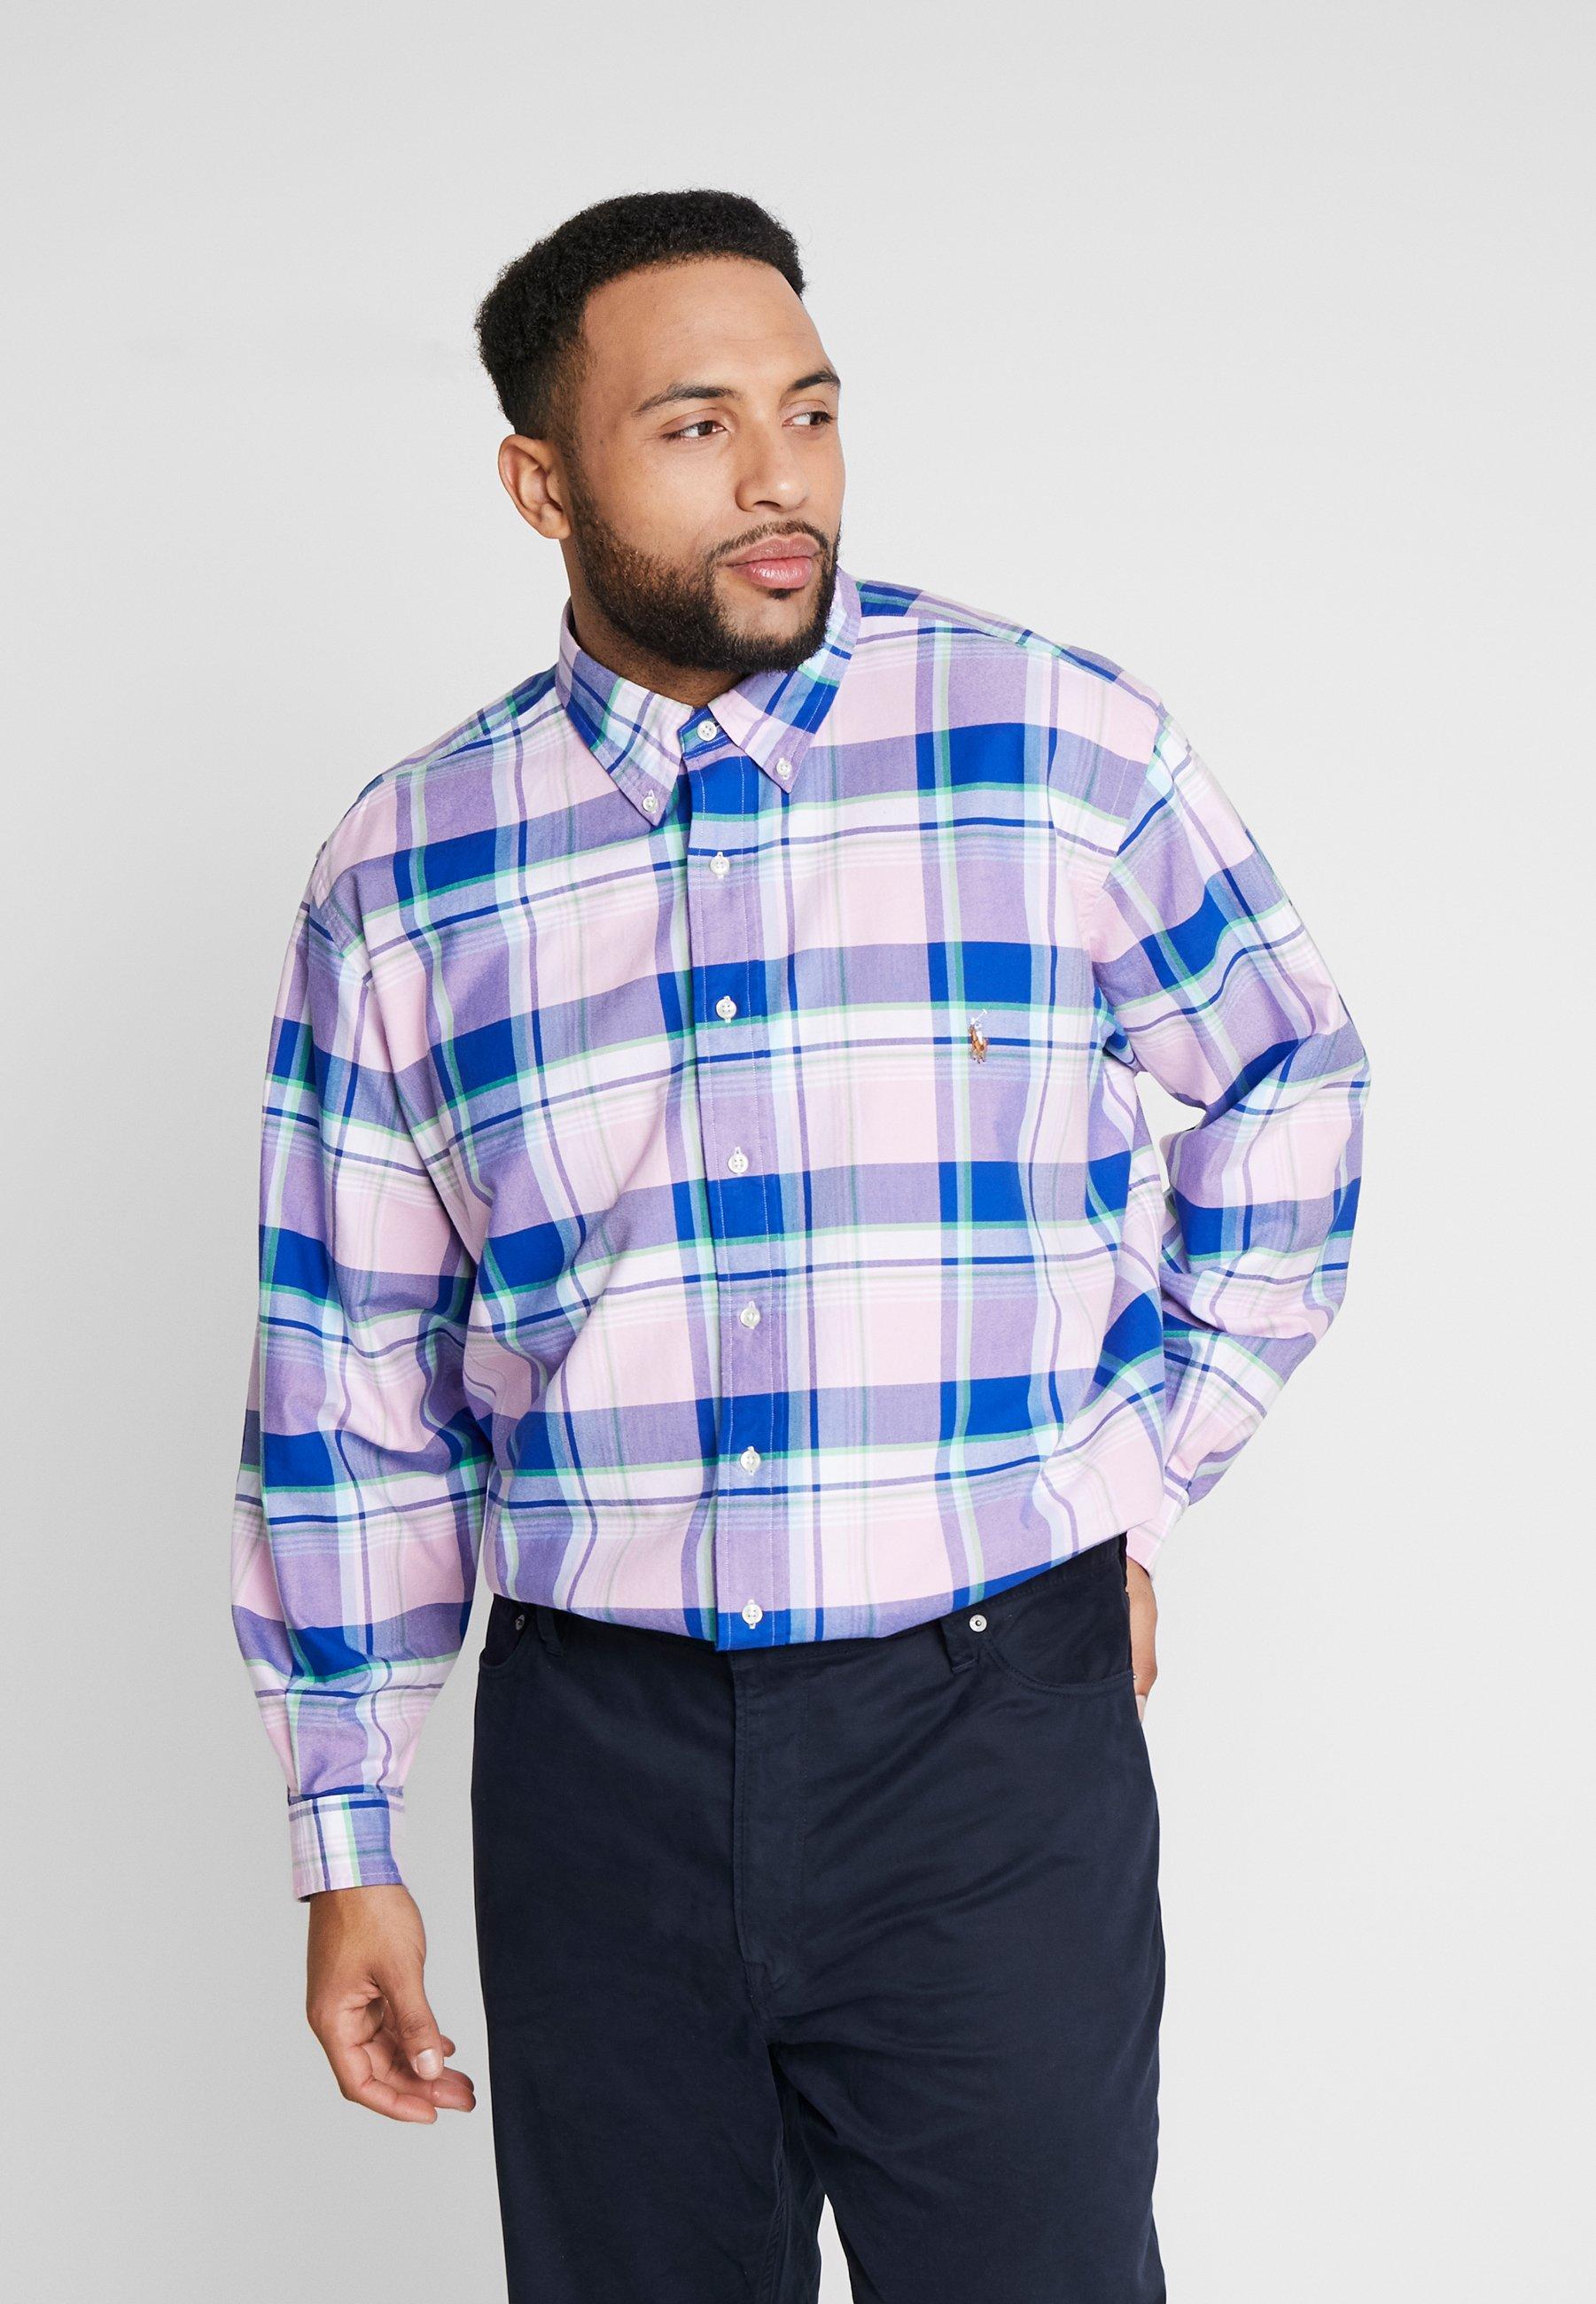 Verkkokaupat Miesten vaatteet Sarja dfKJIUp97454sfGHYHD Polo Ralph Lauren Big & Tall OXFORD Vapaa-ajan kauluspaita pink/blue